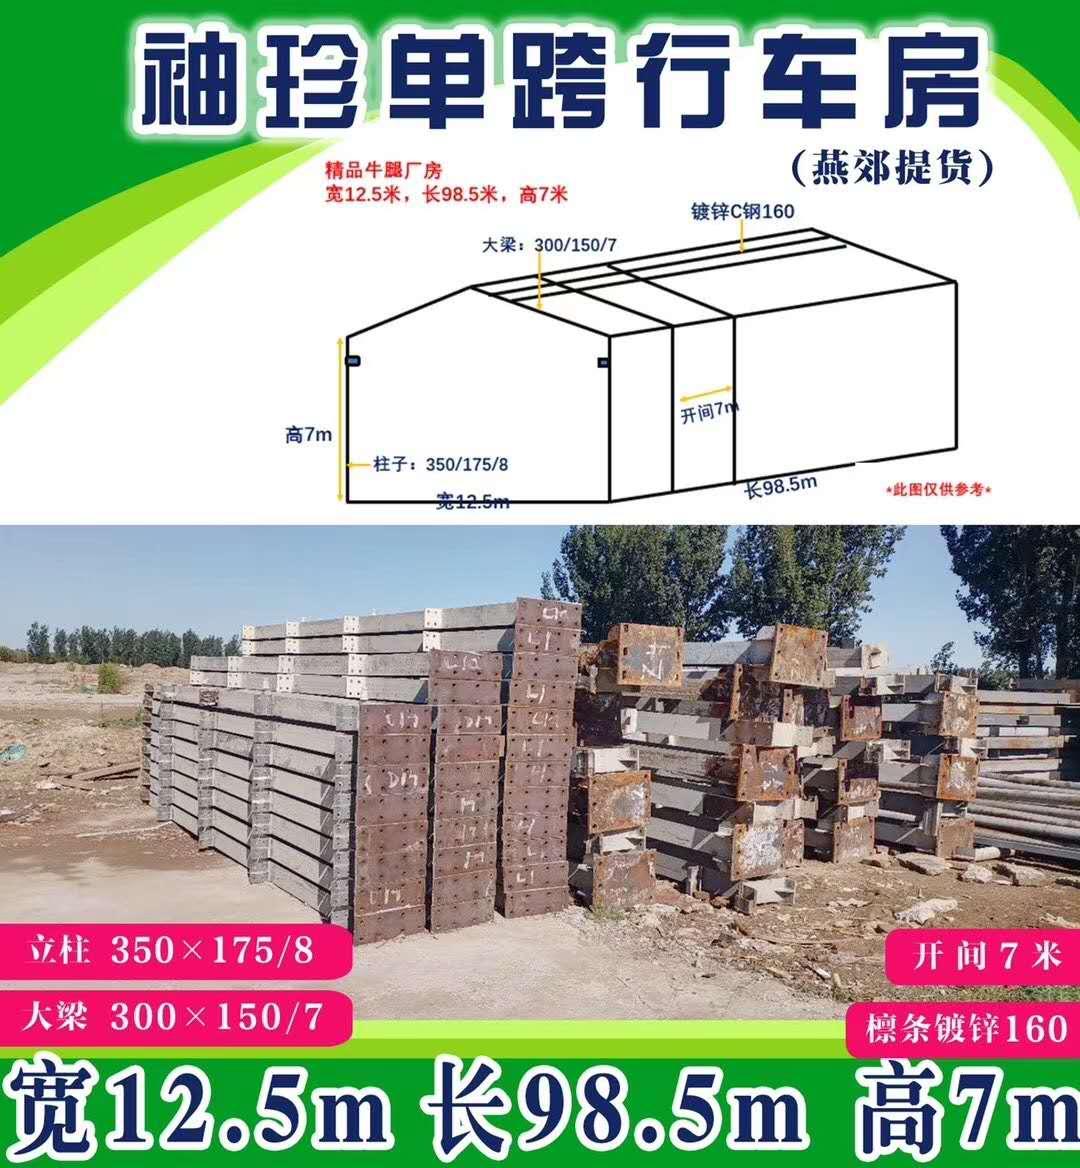 出售厂房宽12.5米,长98.5米,高7米,